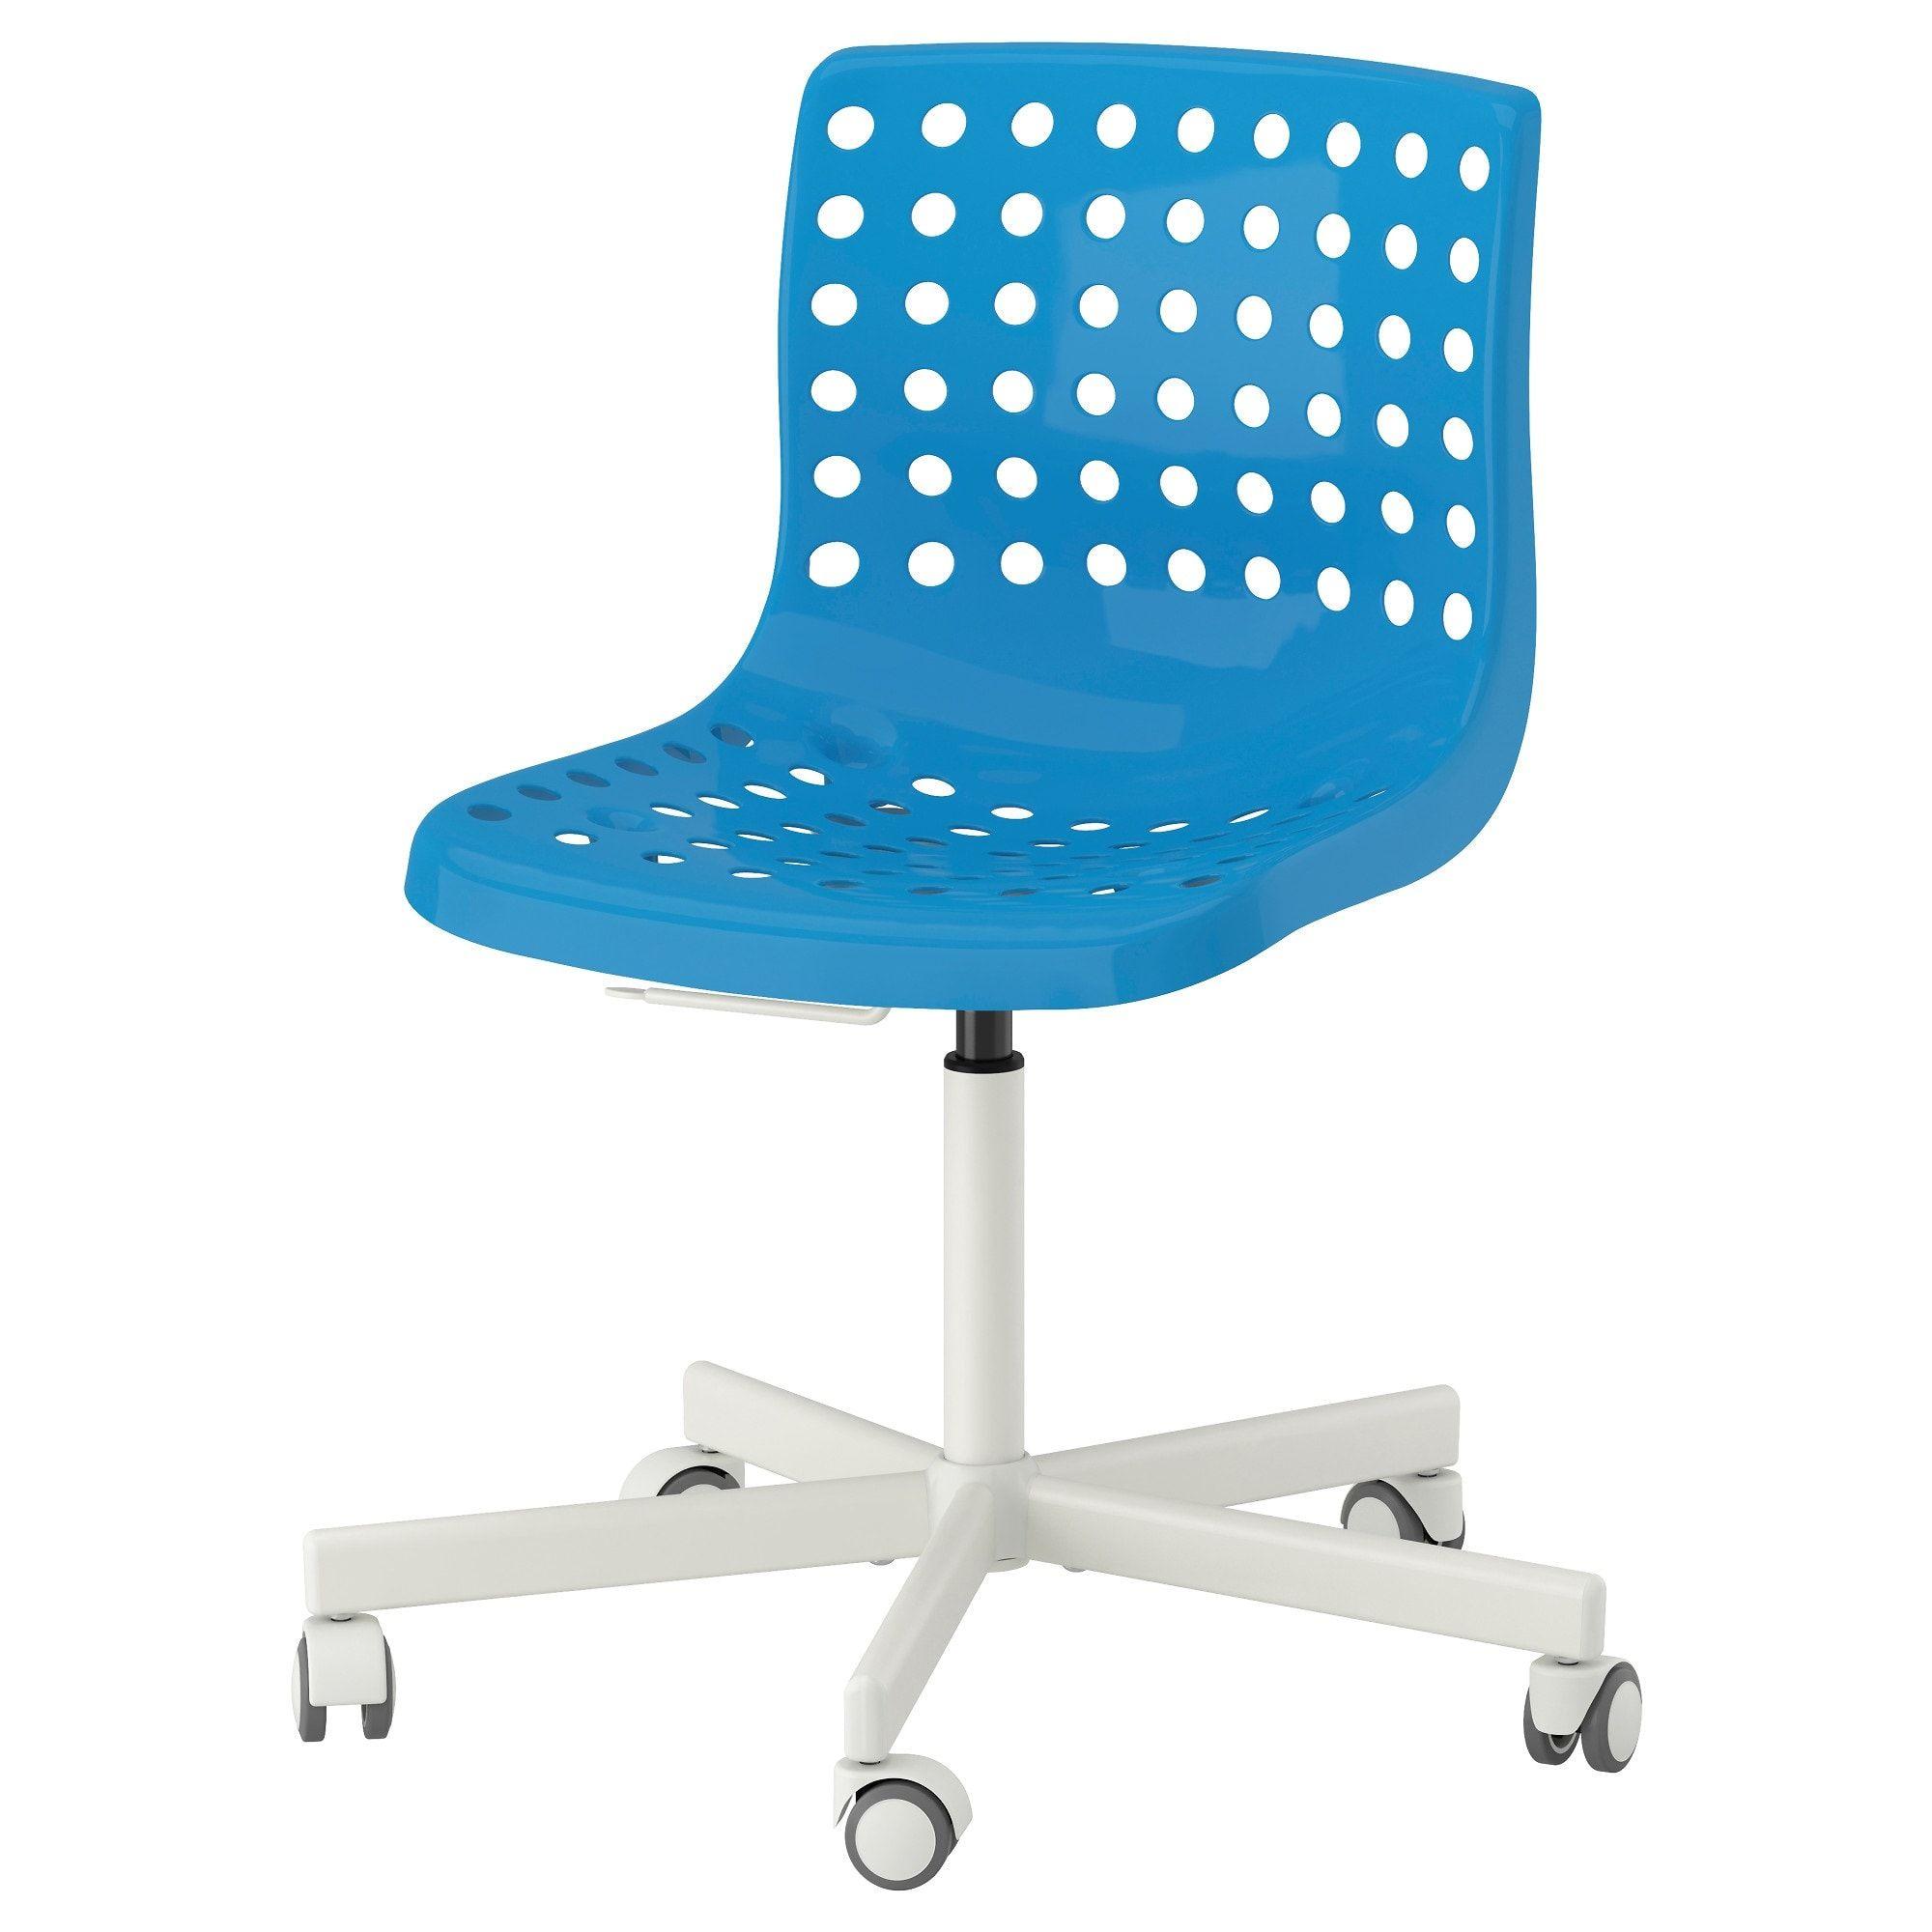 Ikea skalberg sporren blue white swivel chair swivel